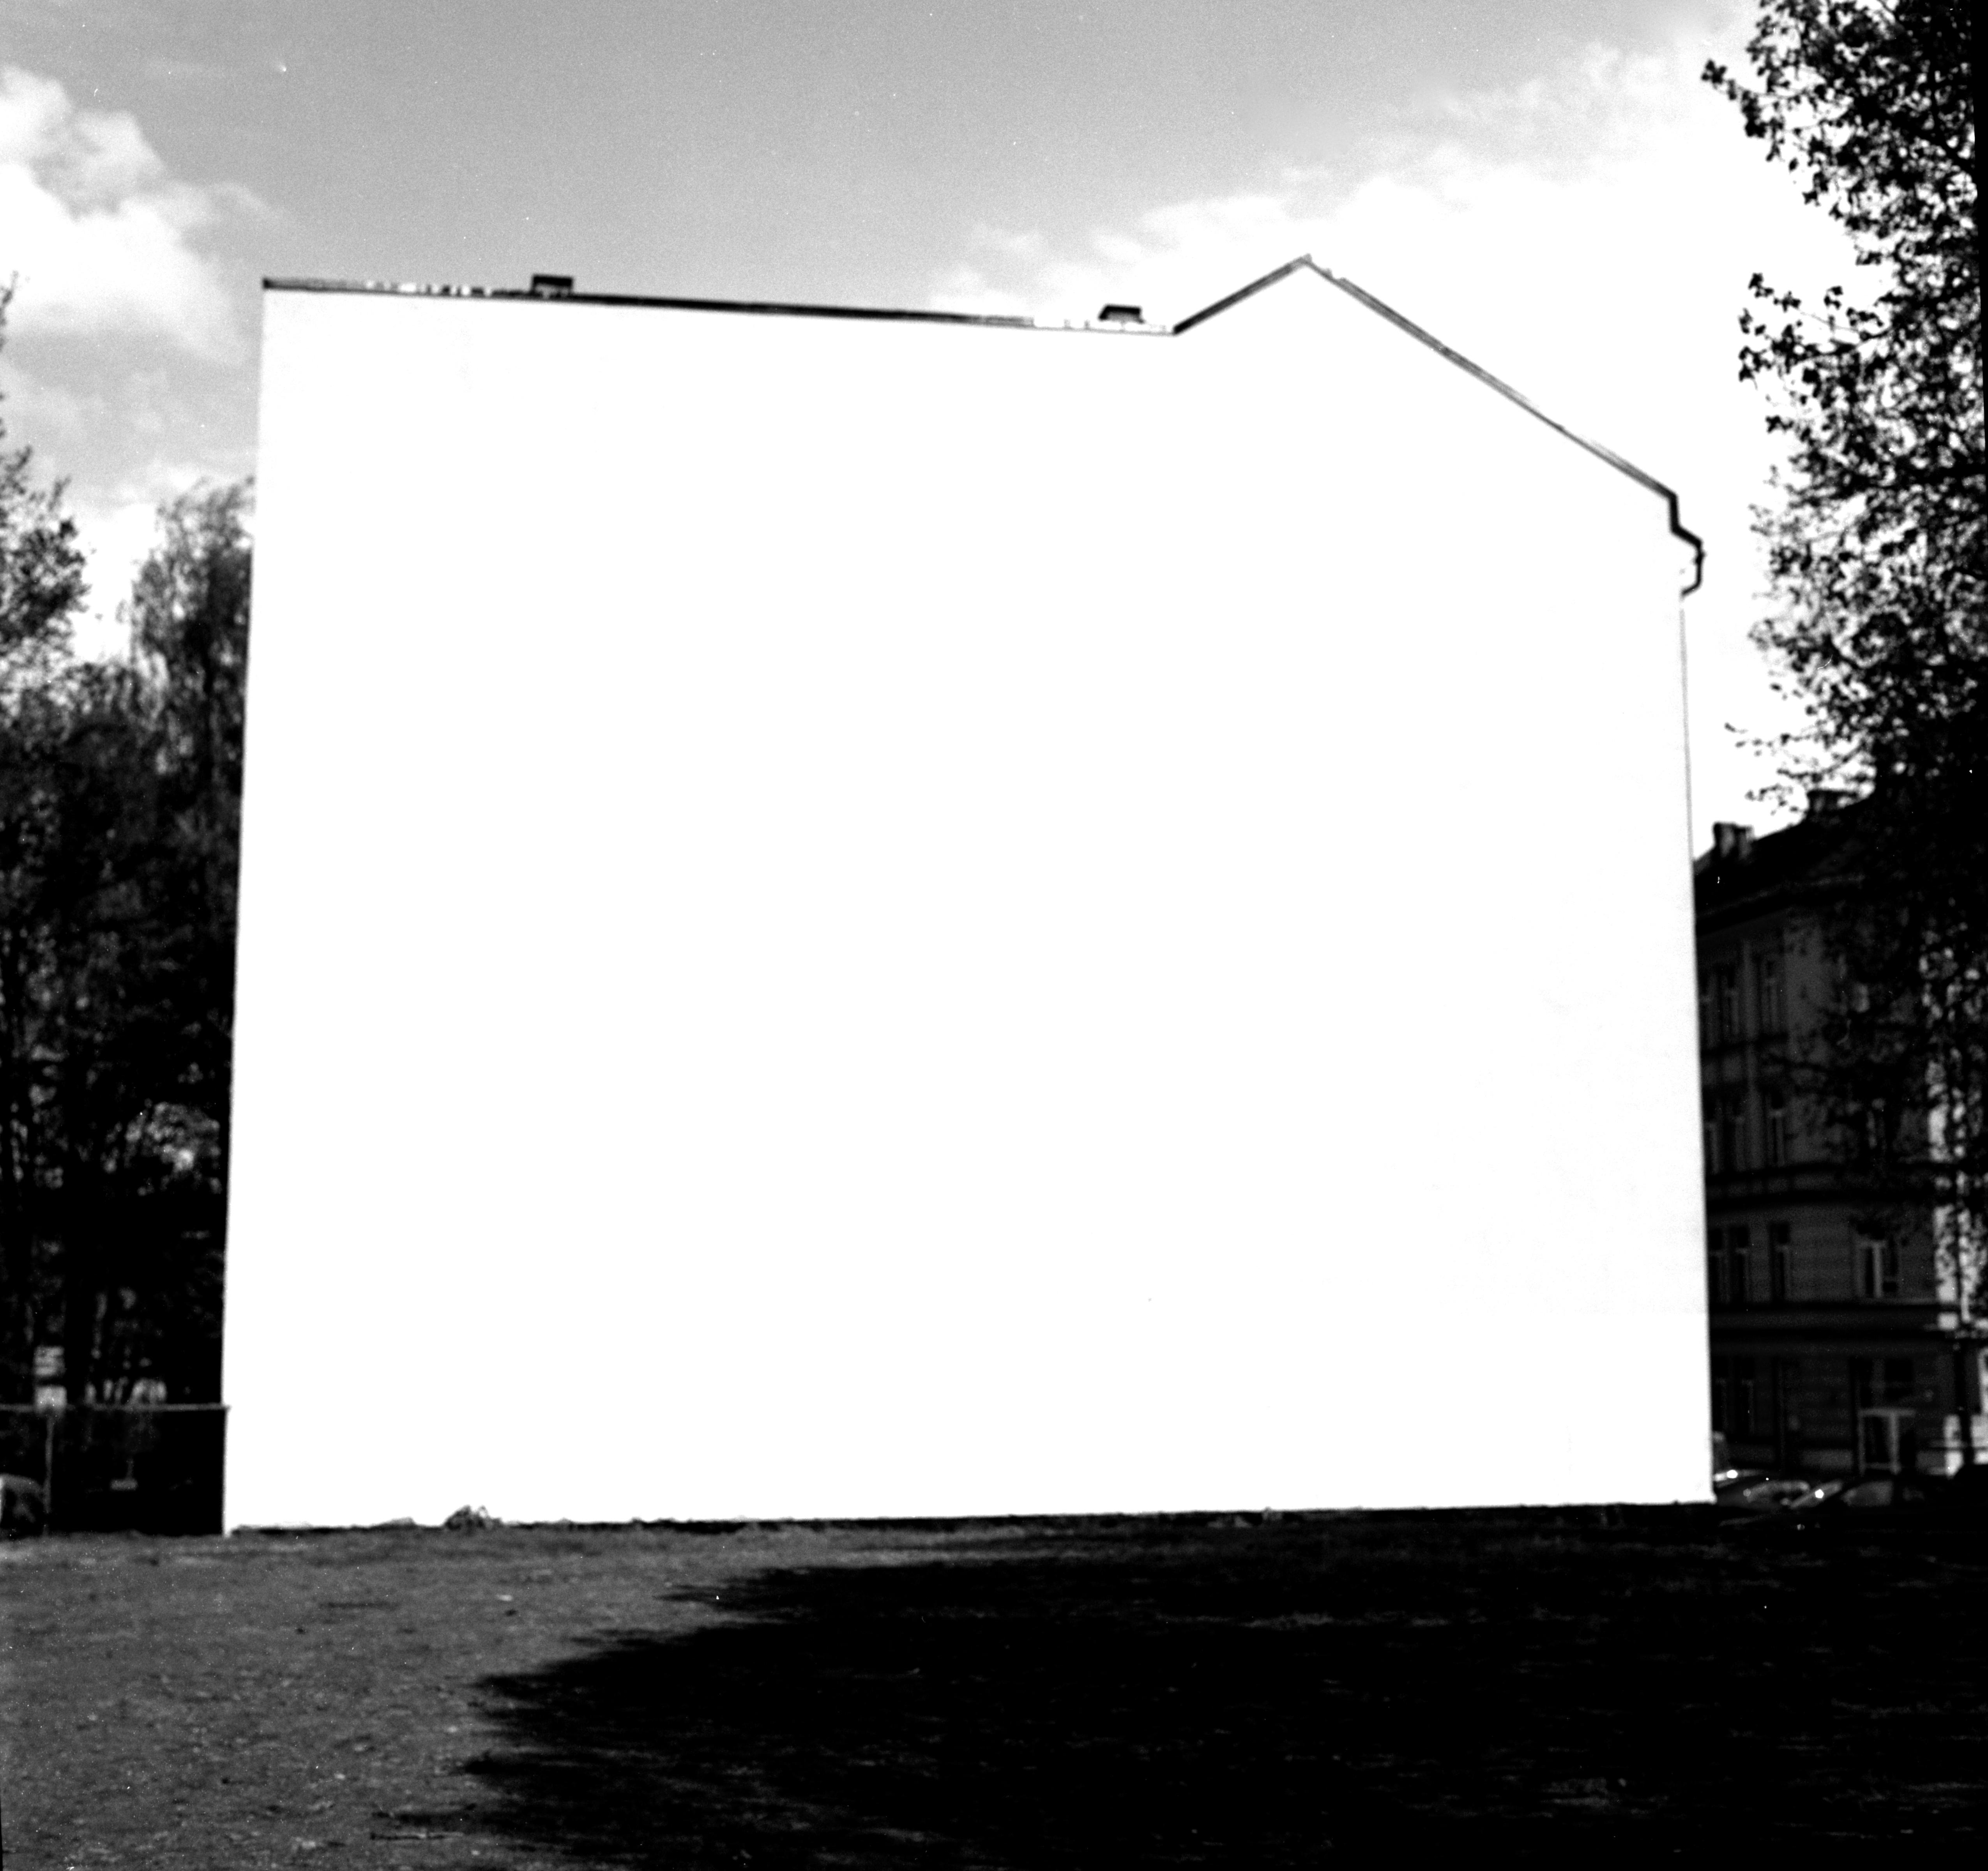 Fotos gratis : en blanco y negro, casa, pueblo, edificio, ciudad ...